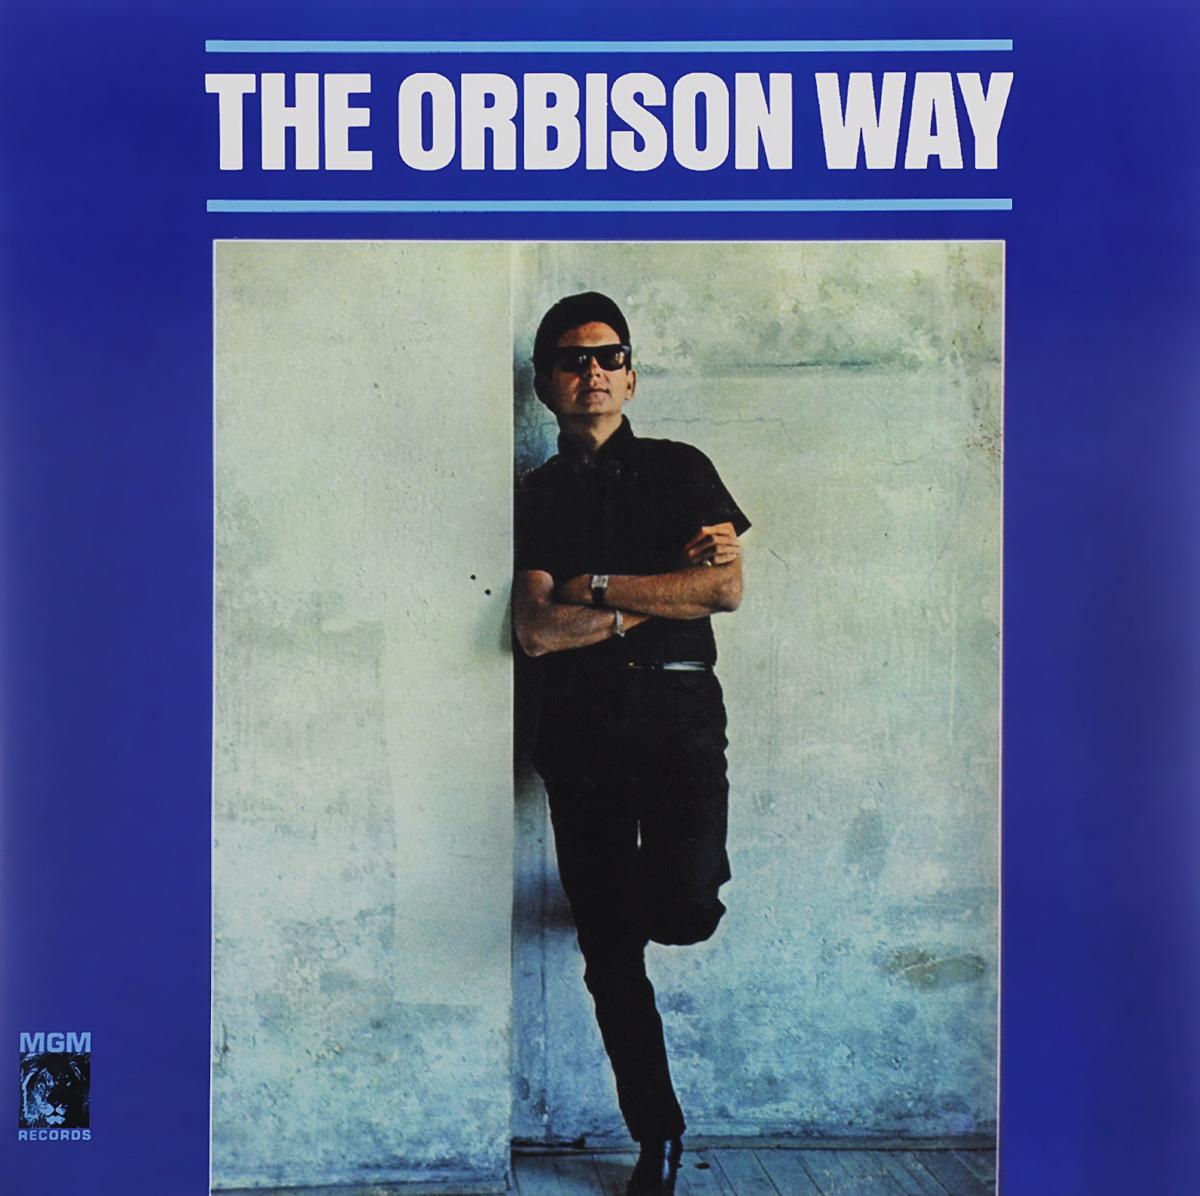 Рой Орбисон Roy Orbison. The Orbison Way (LP) рой орбисон roy orbison hank williams the roy orbison way